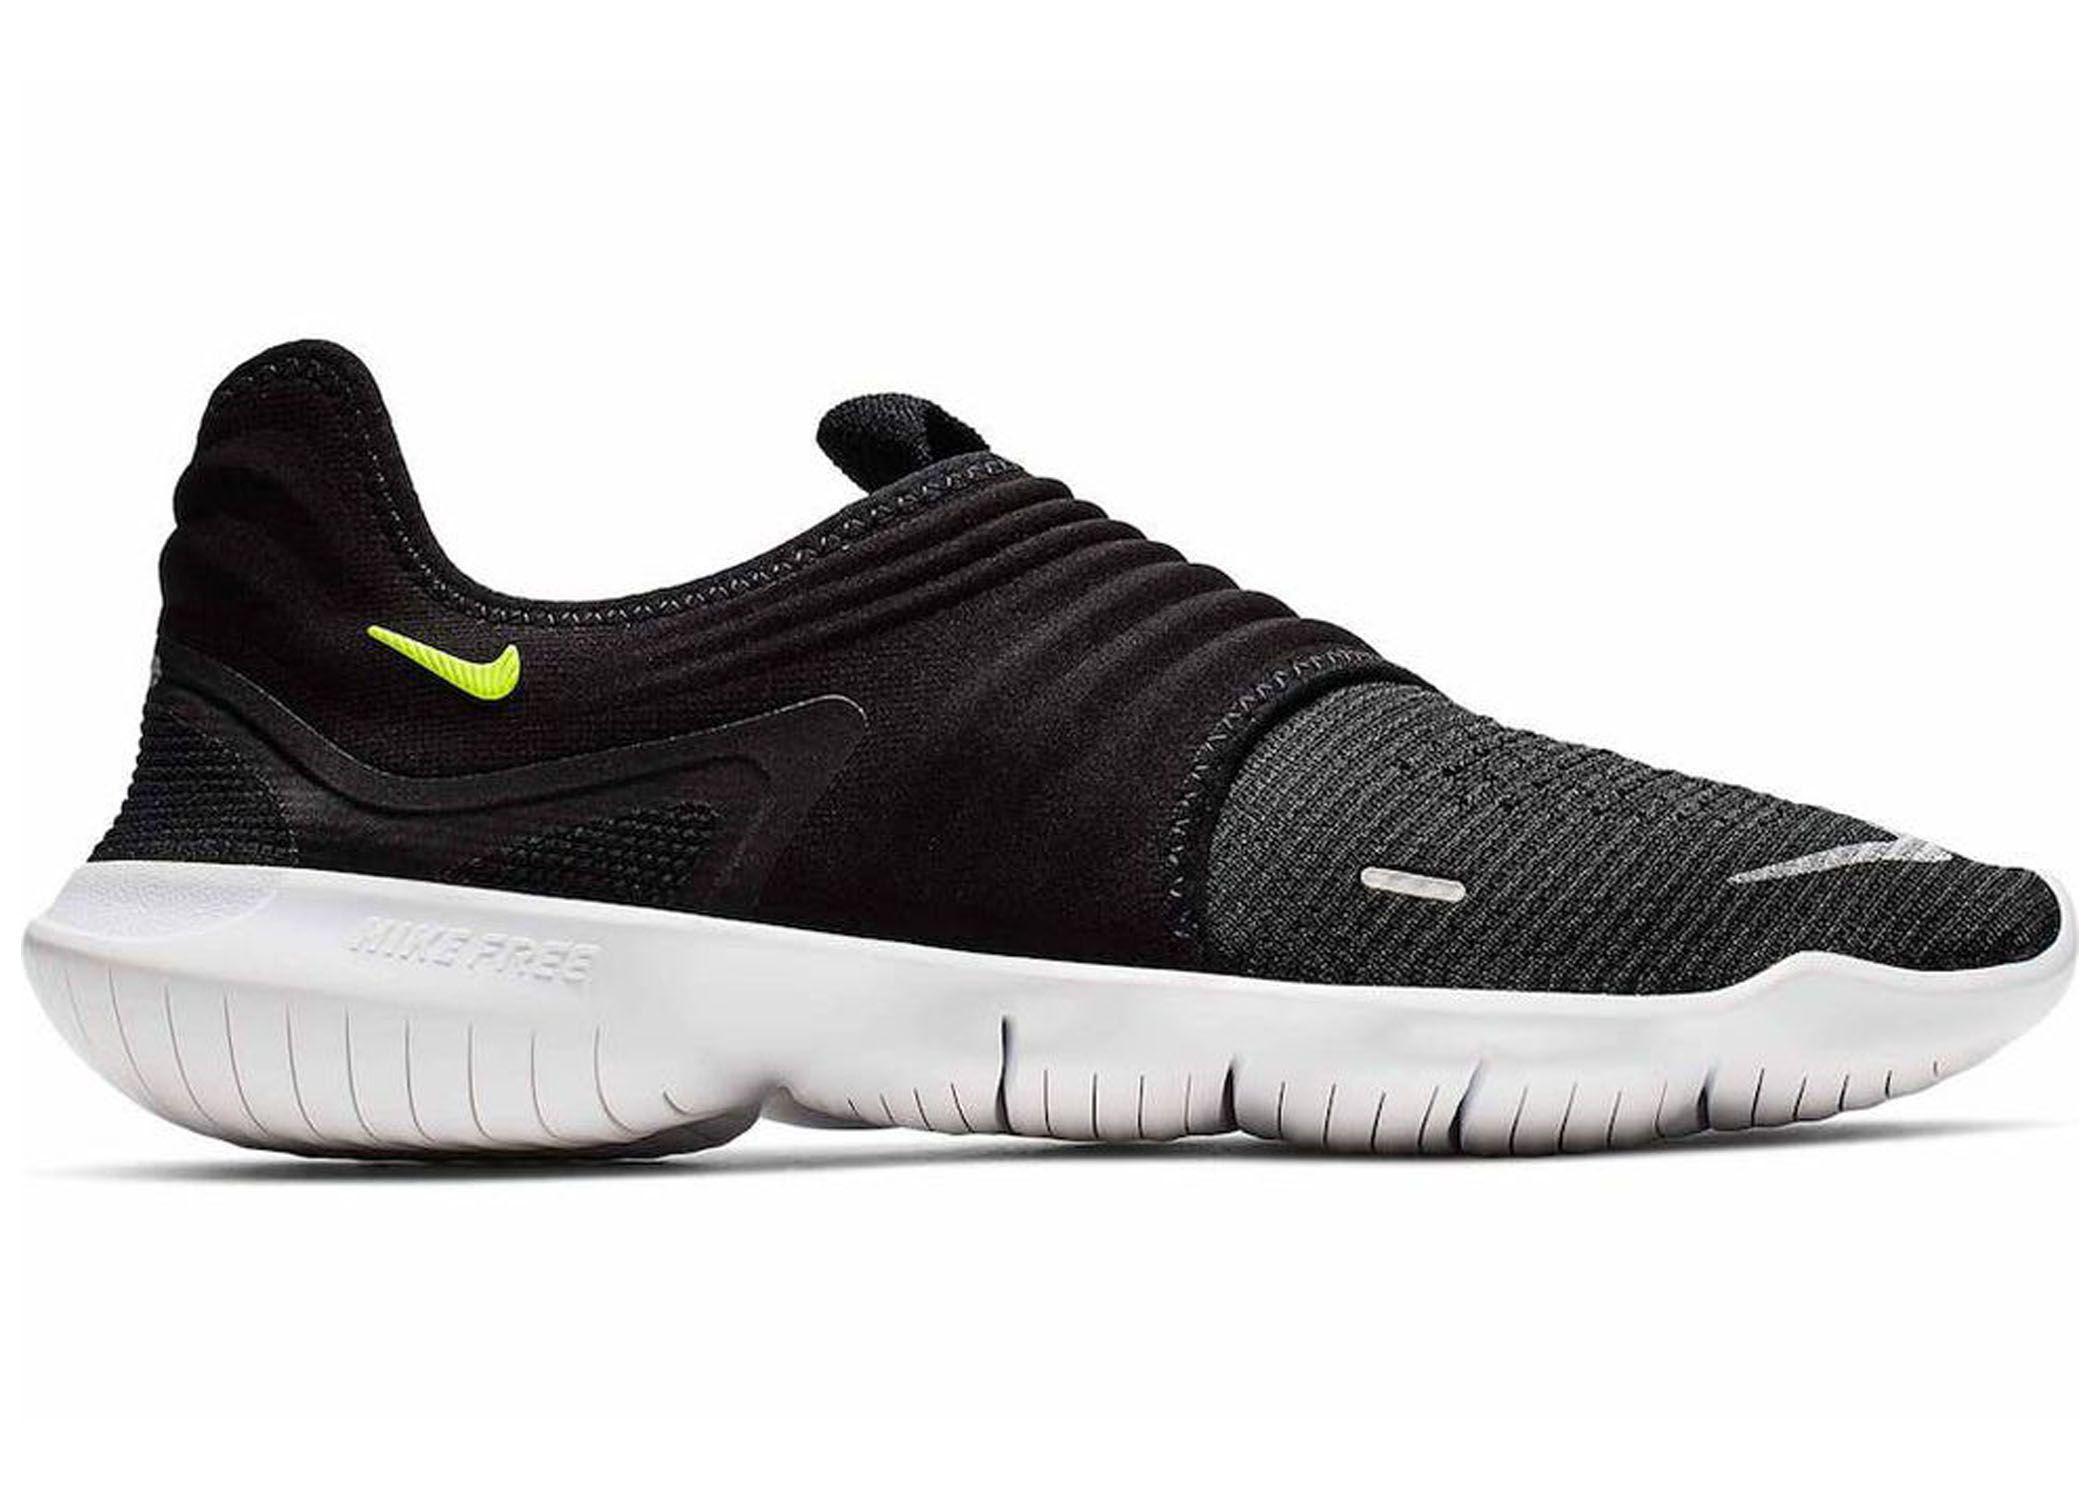 buy popular eb985 d9b79 10 Best Running Shoes for Men 2019 - Men s Running Sneaker Reviews